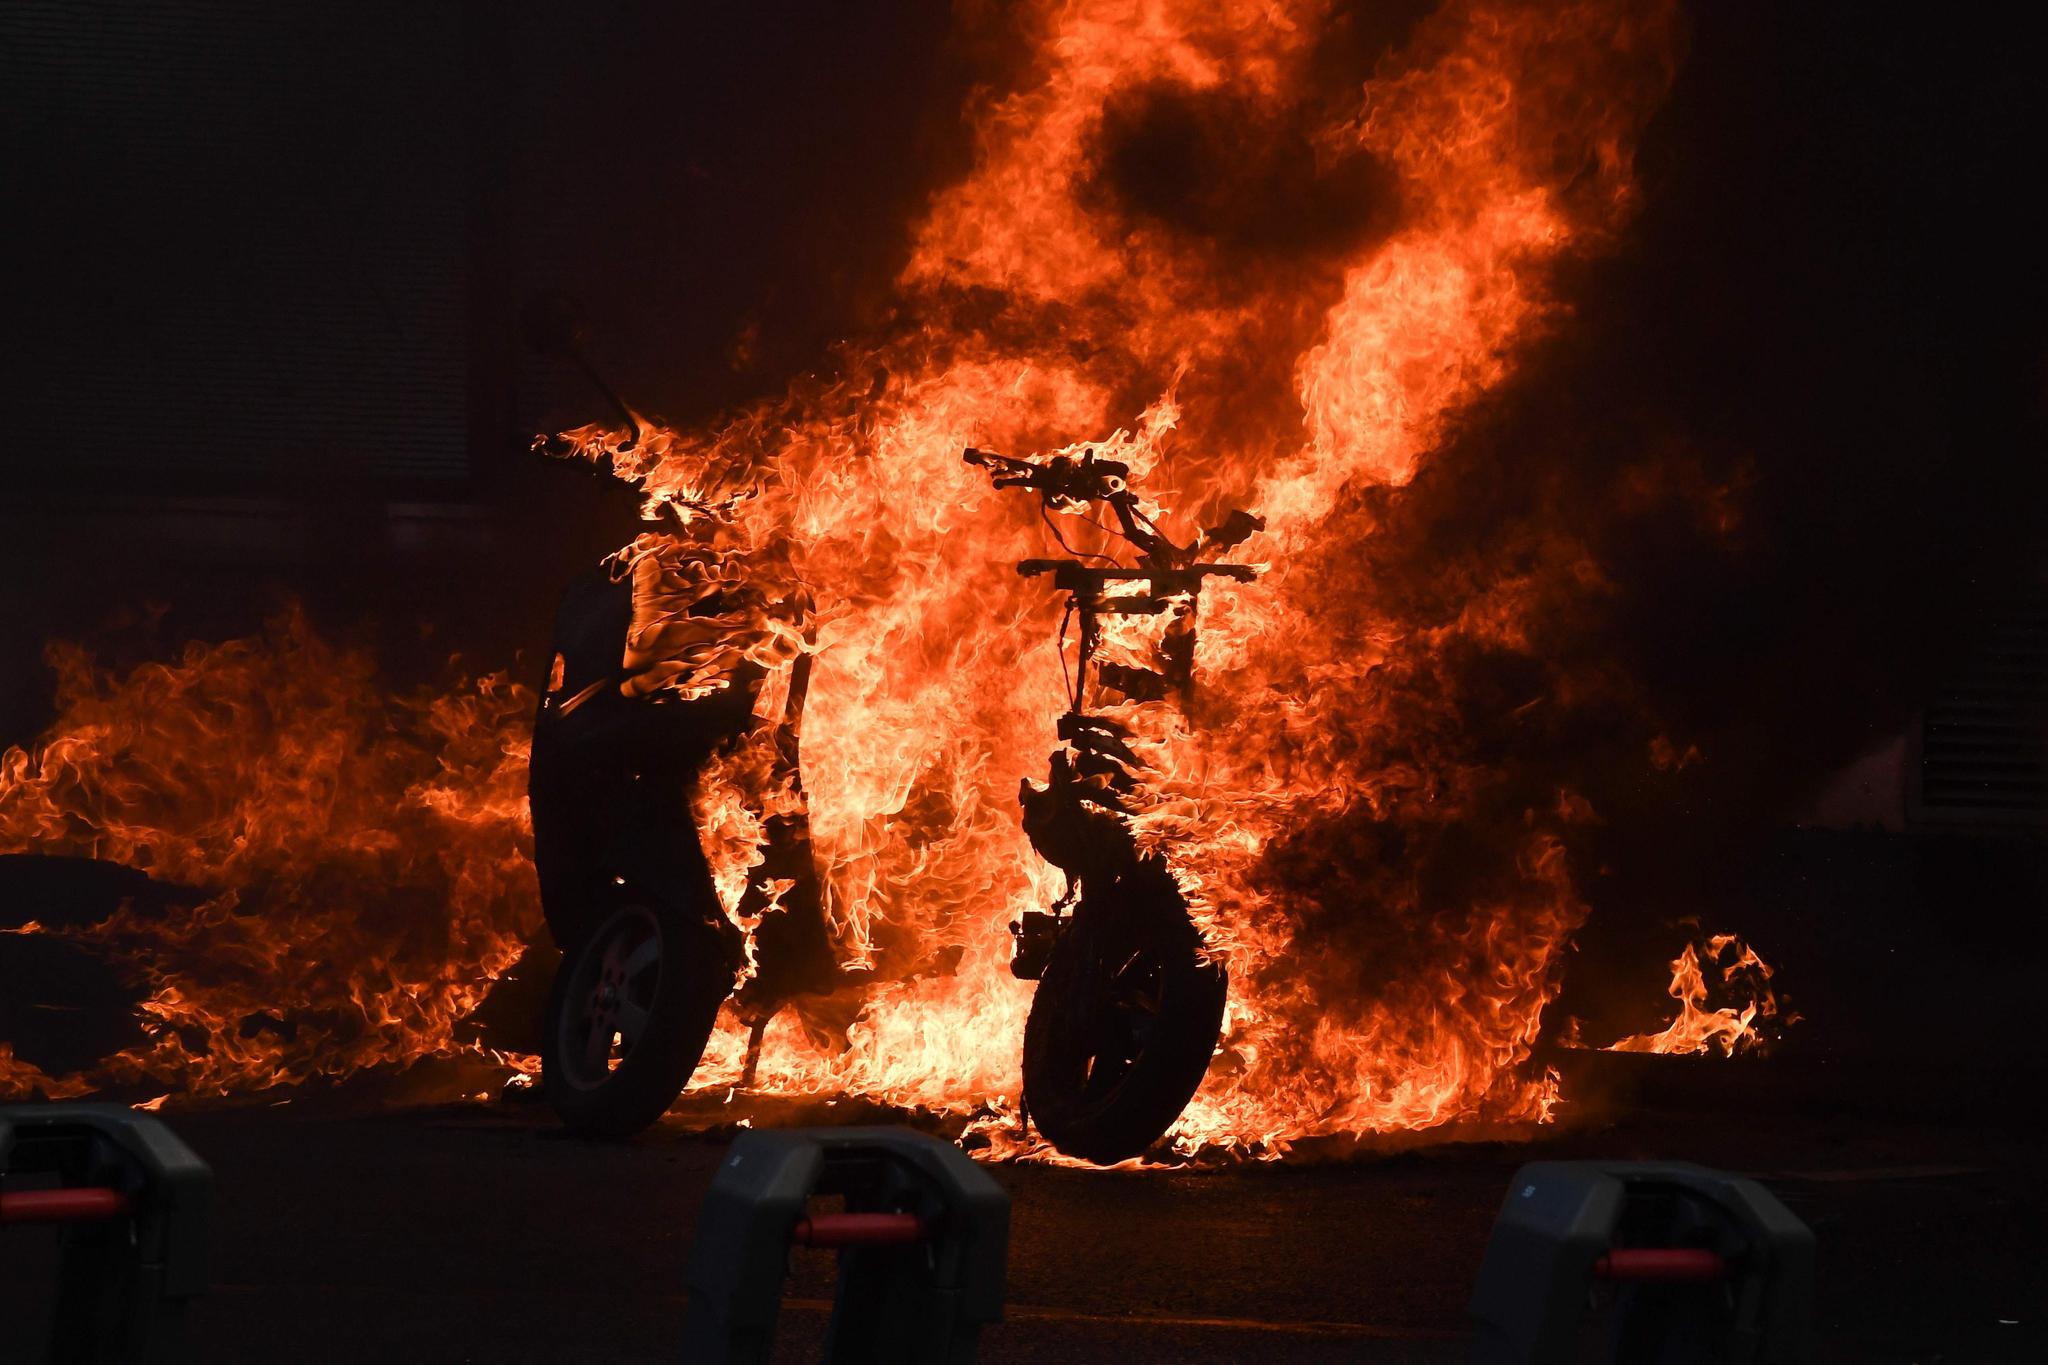 지난 20일(현지시간) 프랑스 파리에서 23번째 '노란 조끼' 시위가 발생해 스쿠터가 불타고 있다.[AFP=연합뉴스]